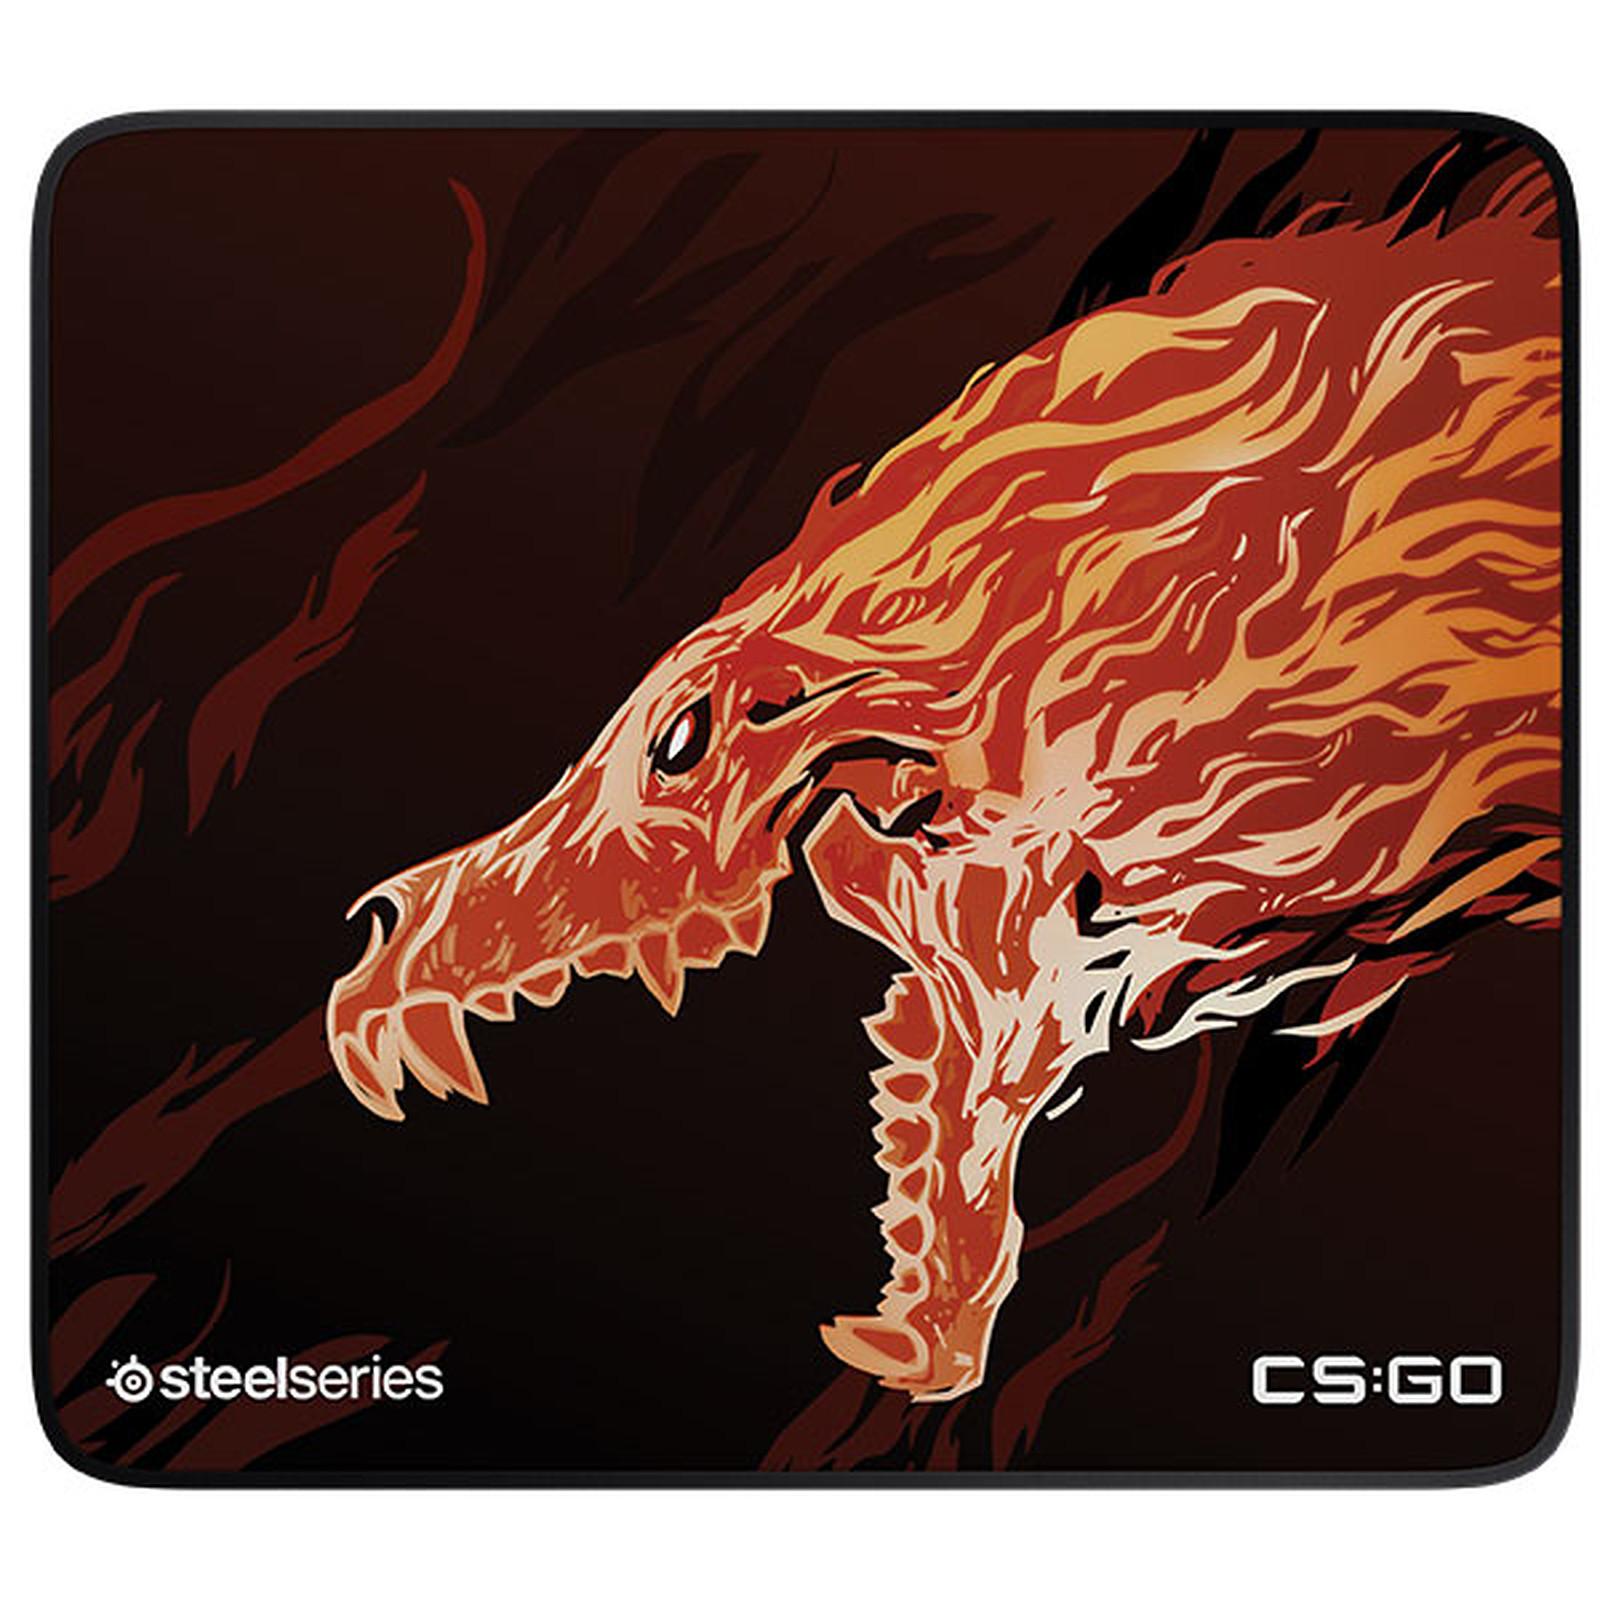 steelseries qck cs go howl edition